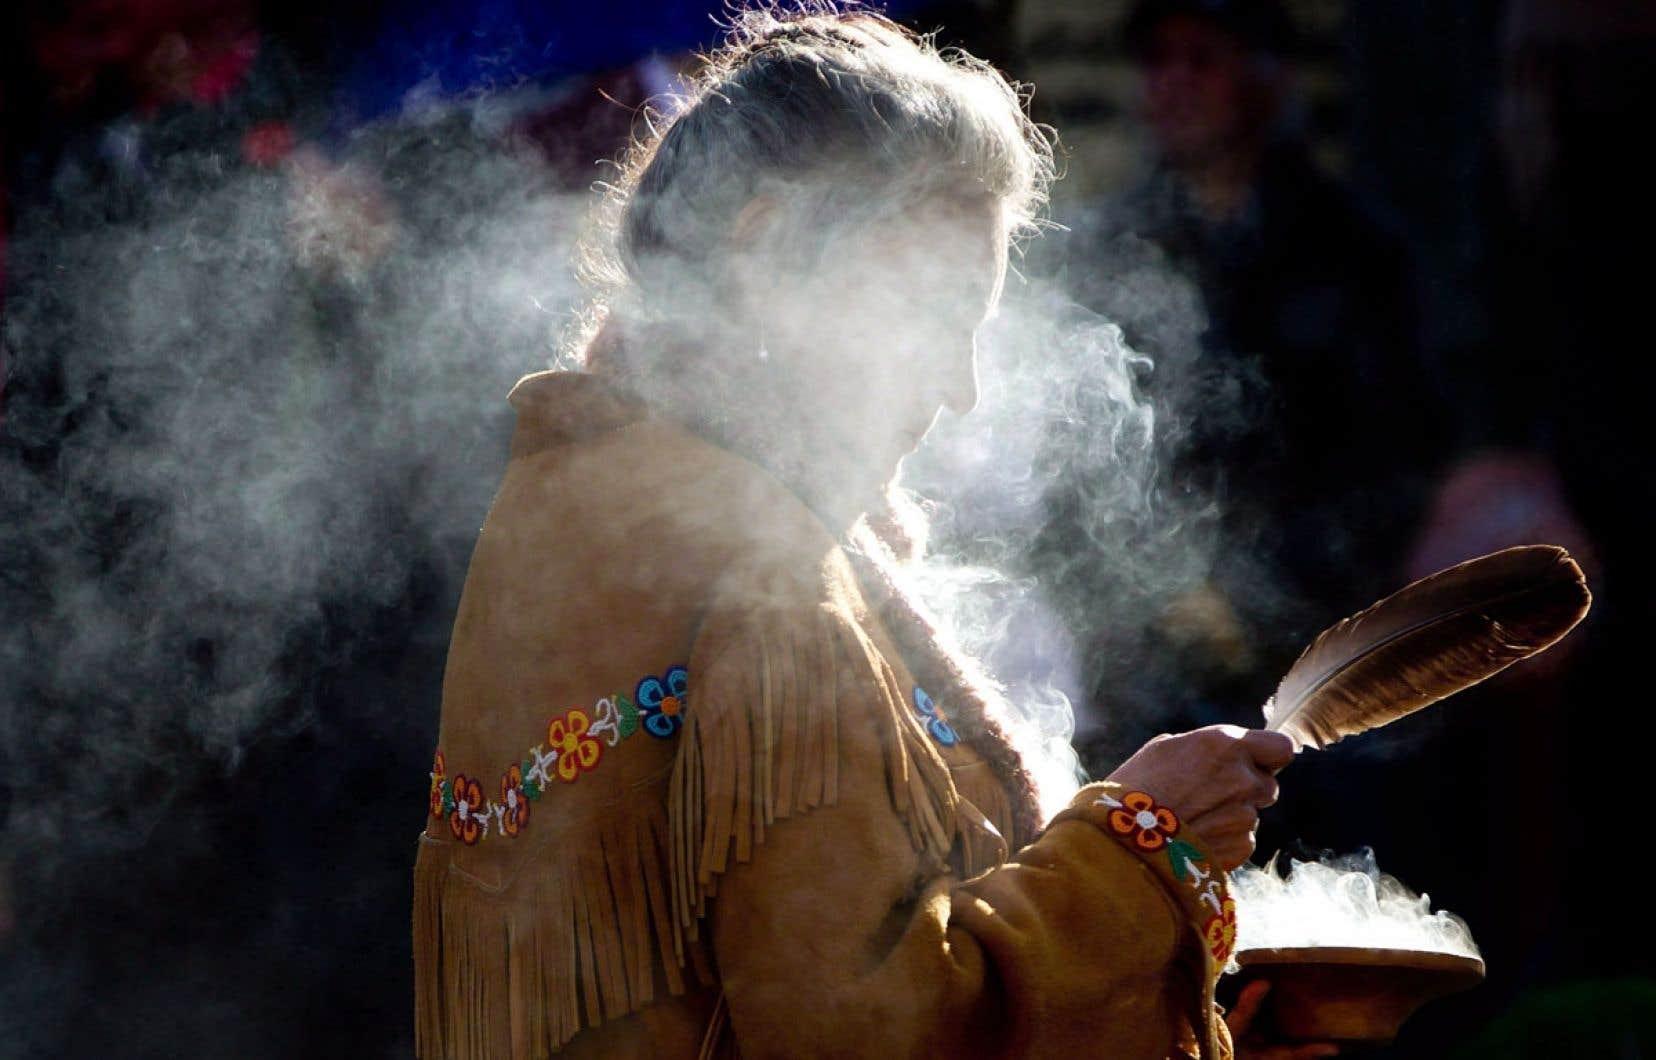 Le recensement 2006 indique que près de 28 000 Métis vivent au Québec. Cela représente 7 % des 390 000 Métis recensés au Canada, dont 90 % vivent dans les provinces de l'Ouest et en Ontario.